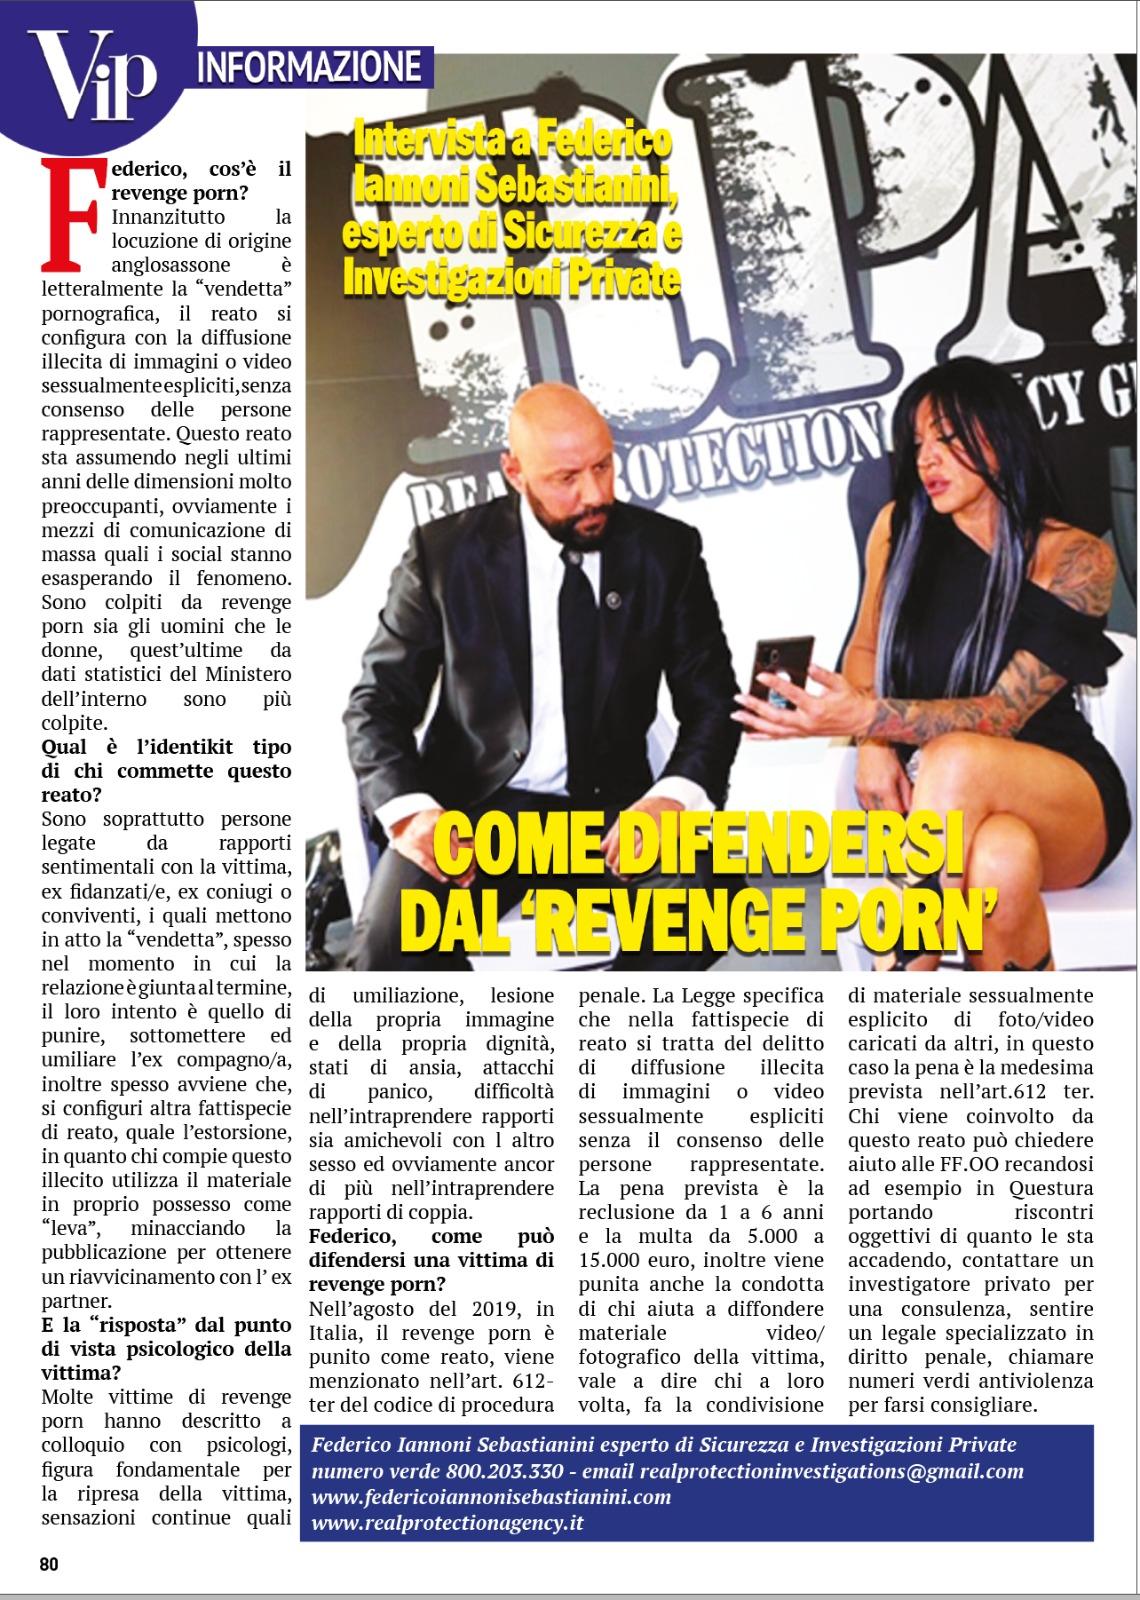 Intervista anteprima in uscita prevista per il 25.09 su settimanale VIP tematica trattata il reato di Revenge Porn